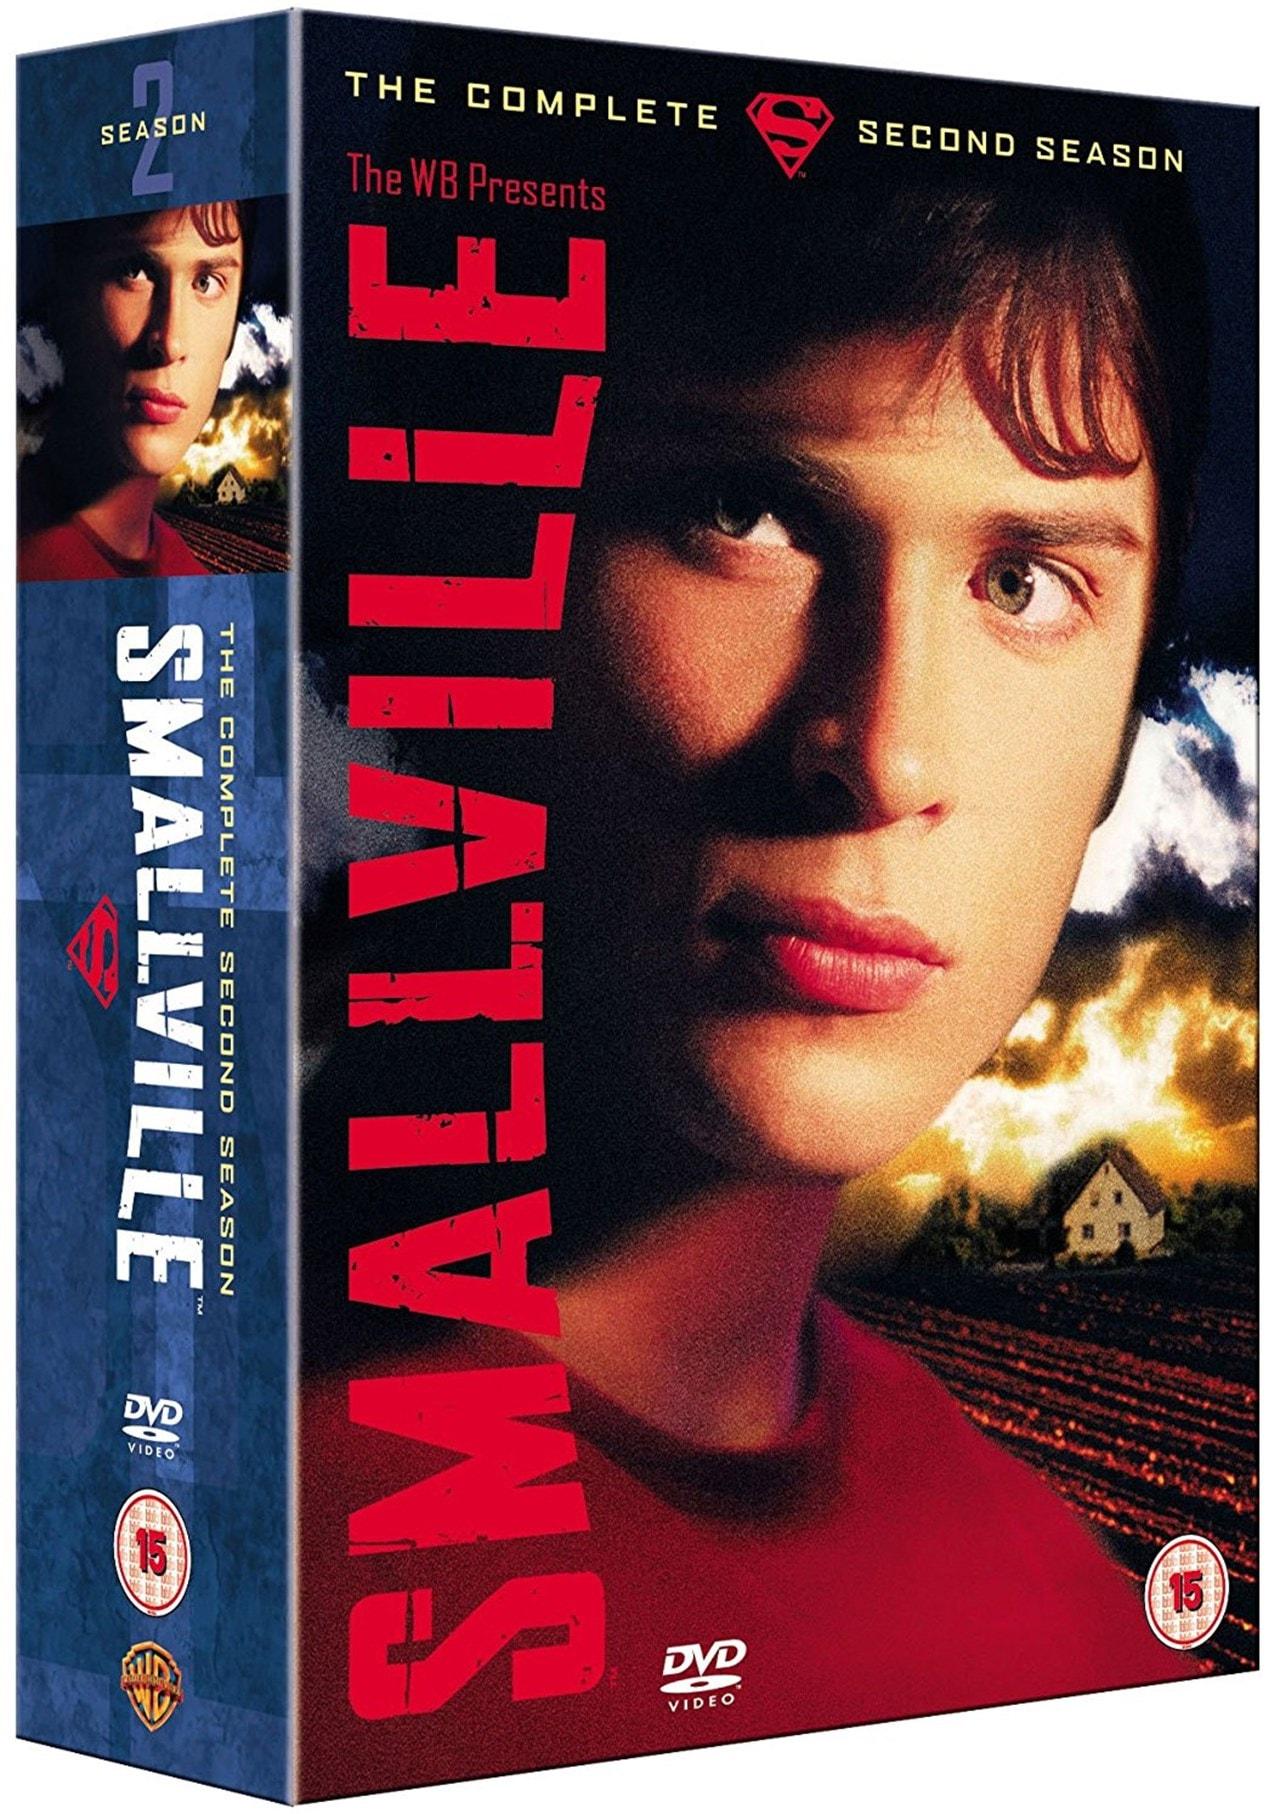 Smallville: The Complete Second Season - 2